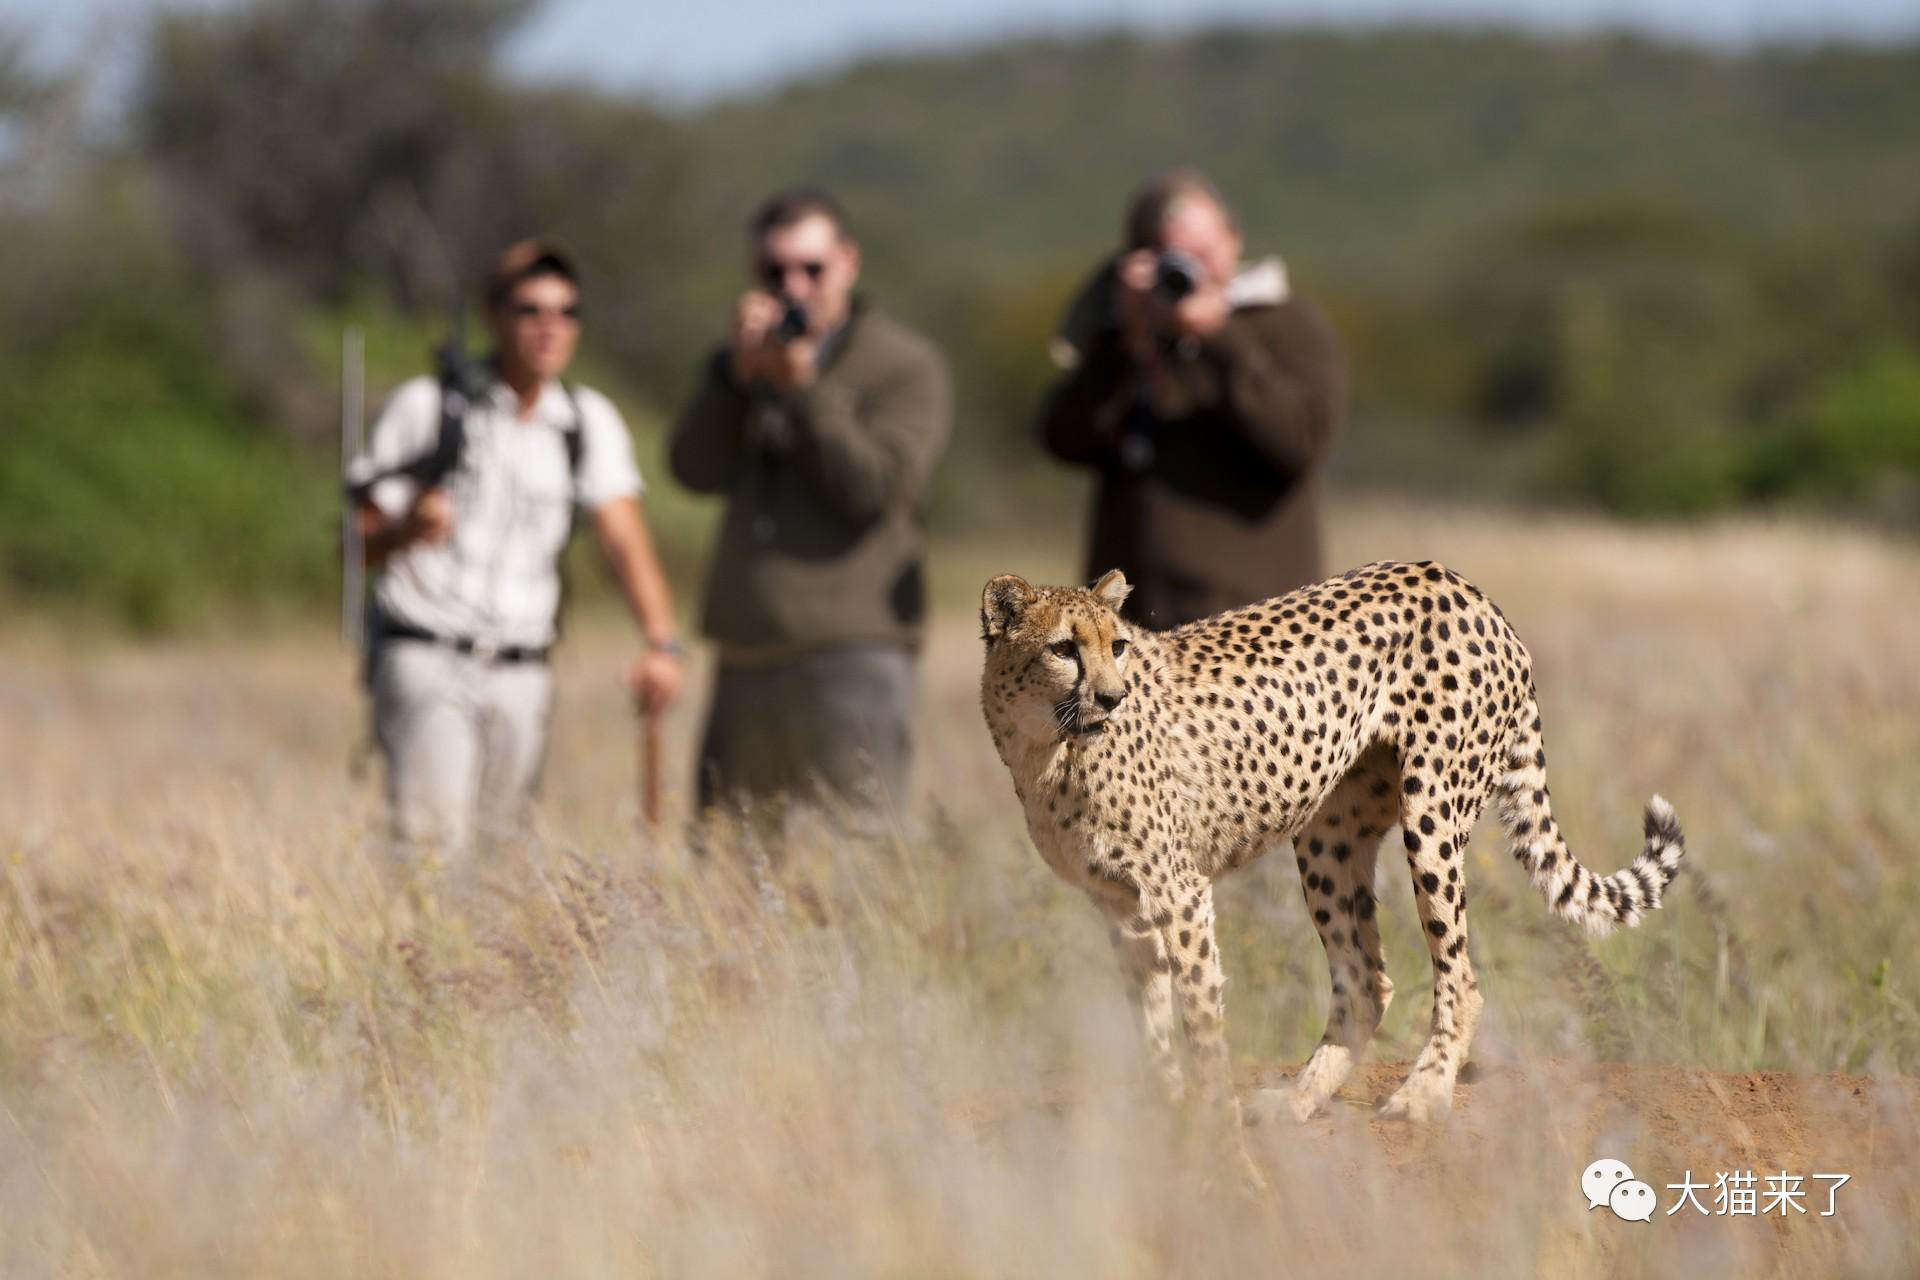 """宠物-免费yoqq边旅游边拍照就能保护狮子老虎?科学家已经开始""""拉拢""""游客了yoqq资源(1)"""